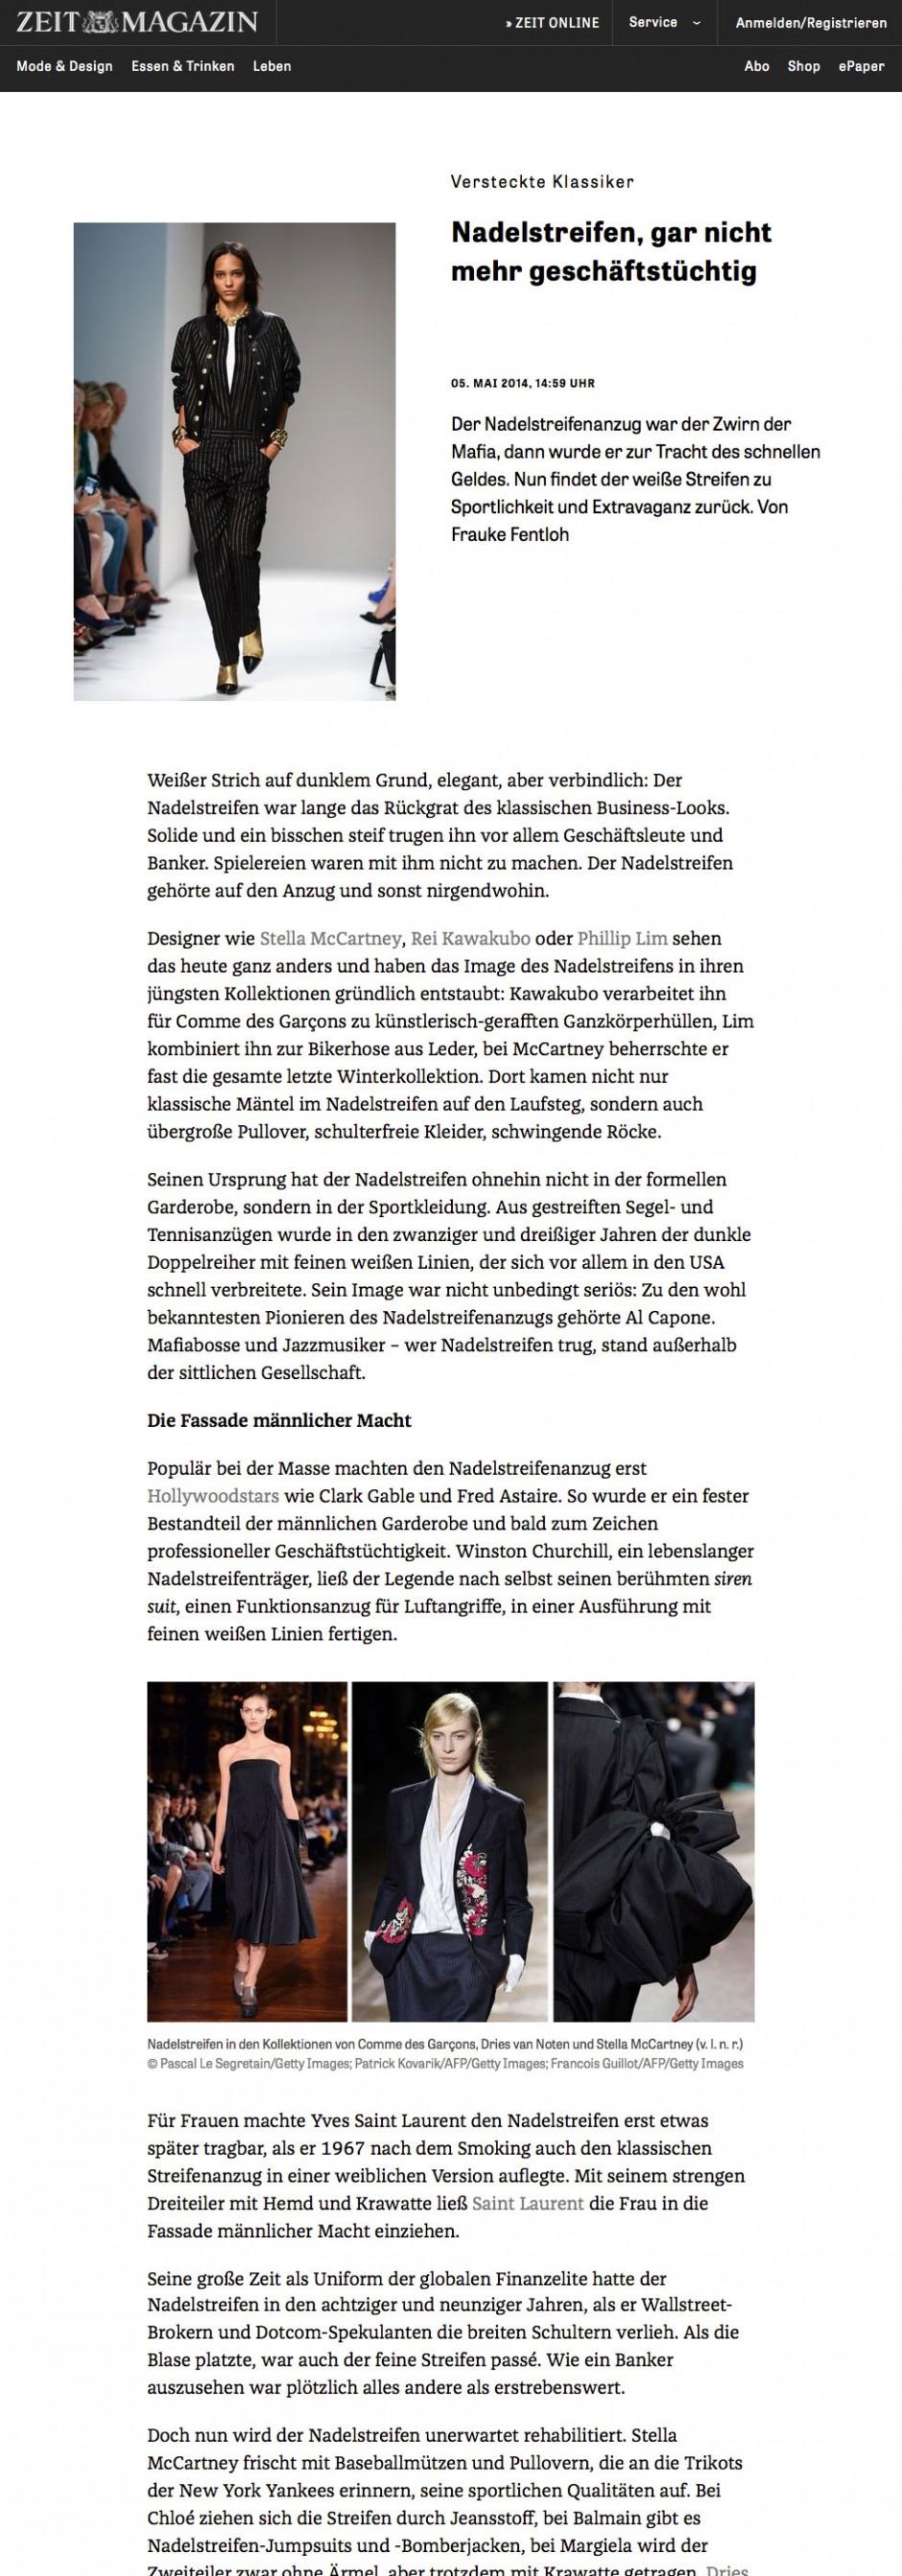 SZ_140508_Zeit_Online_Relaunch_Artikel-Nadelstreifen